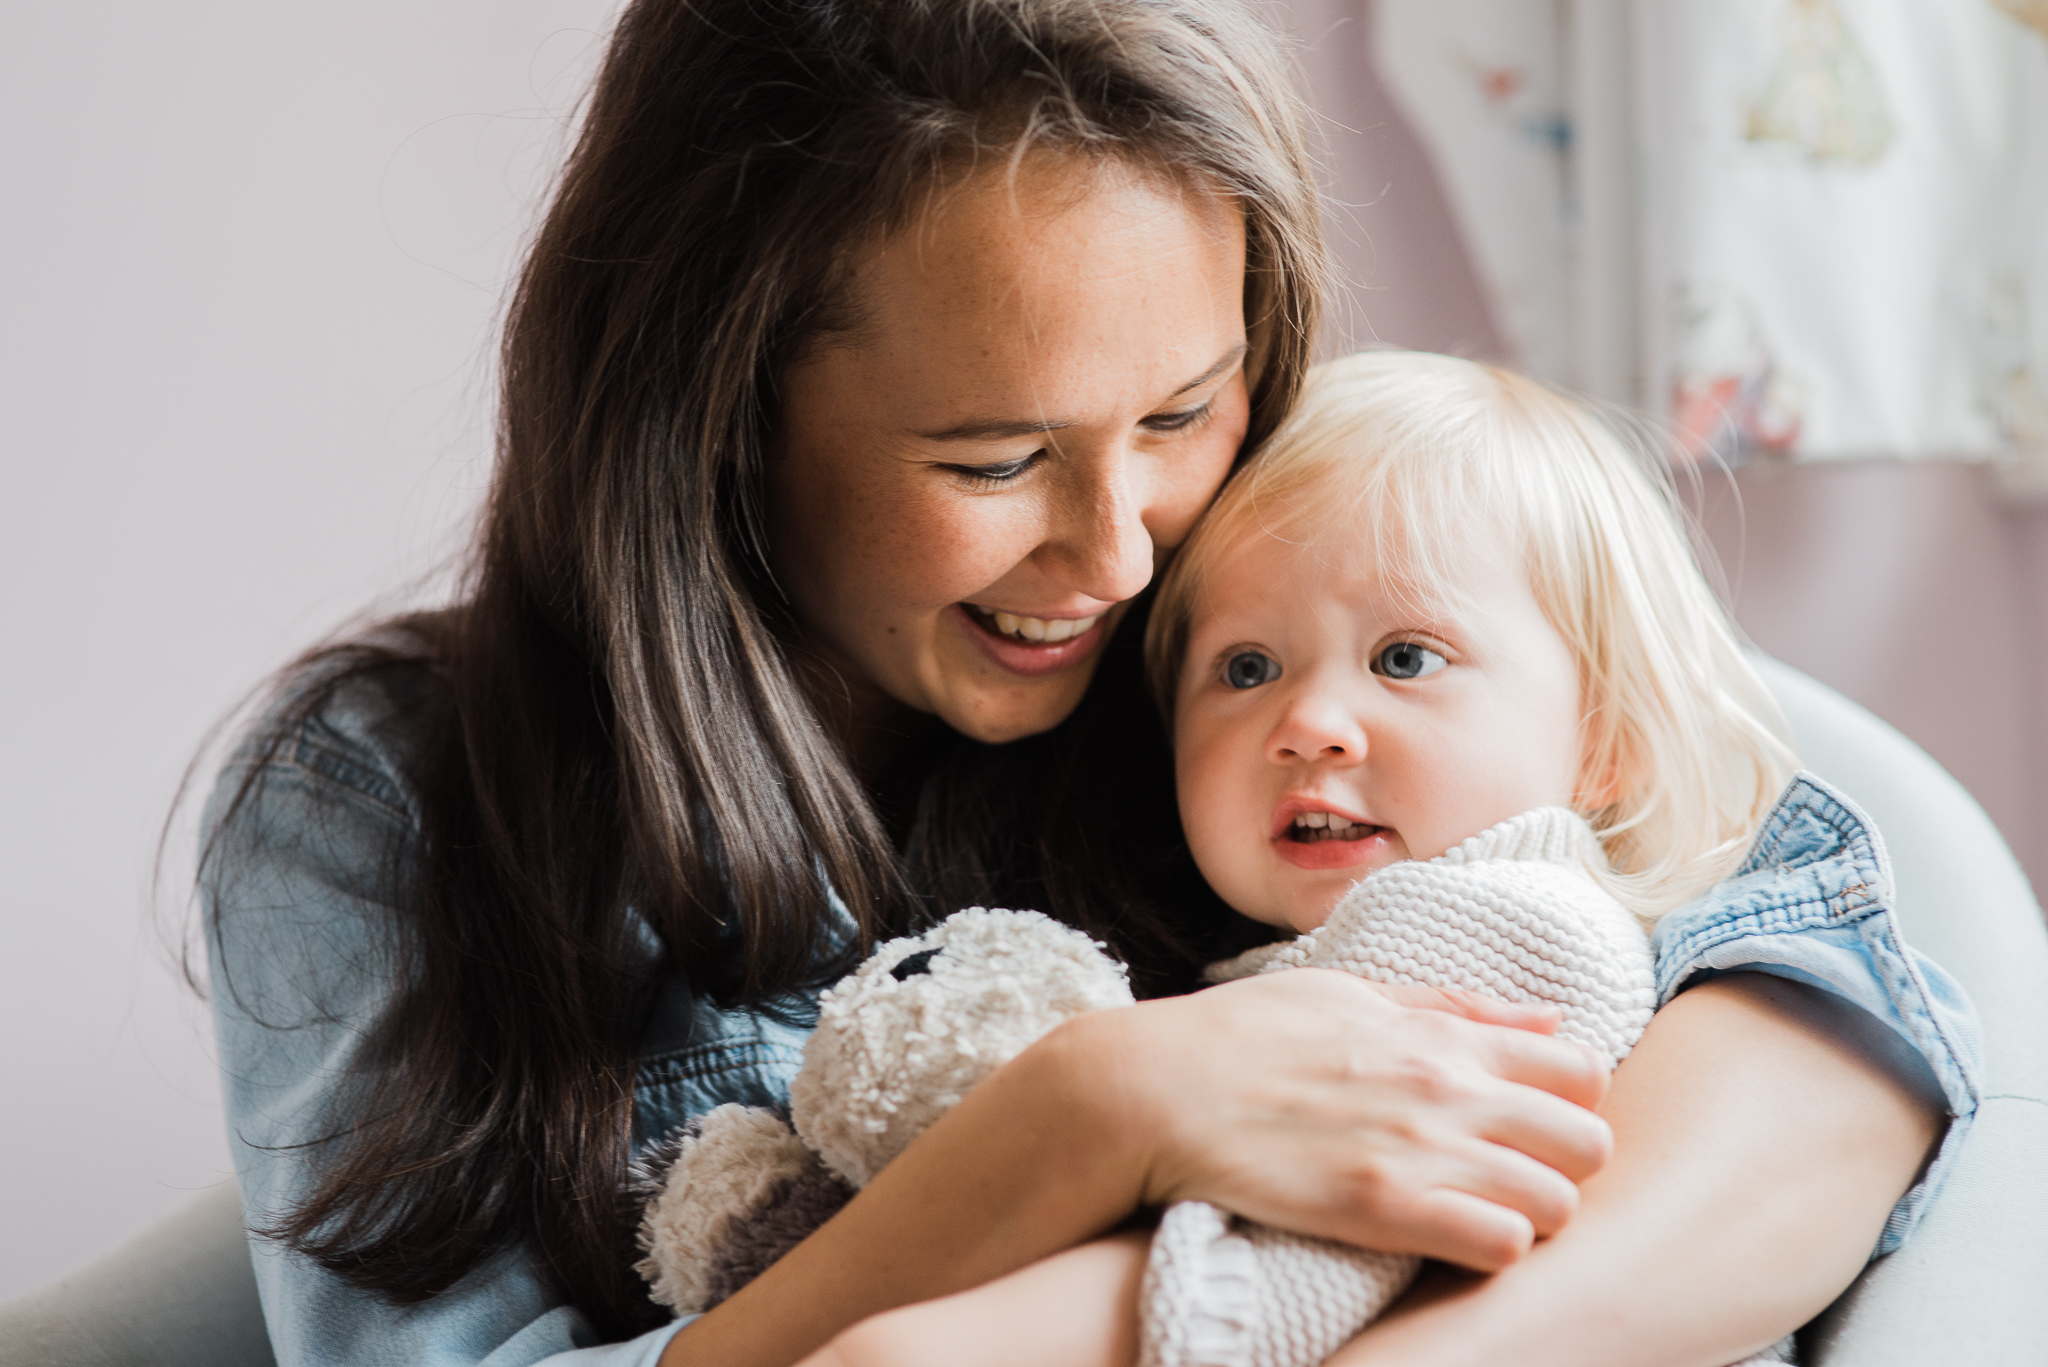 Mother cuddling toddler in home photoshoot Cheltenham.jpg